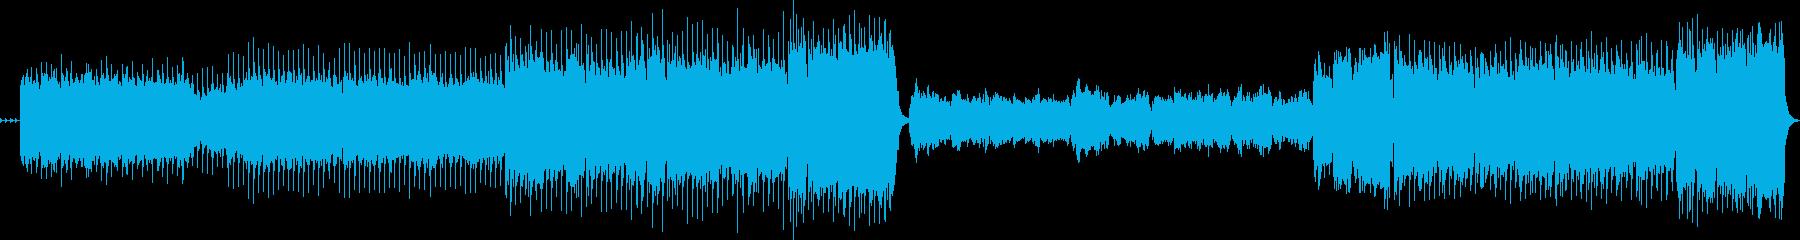 大河ドラマのオープニング風中間しっとりの再生済みの波形